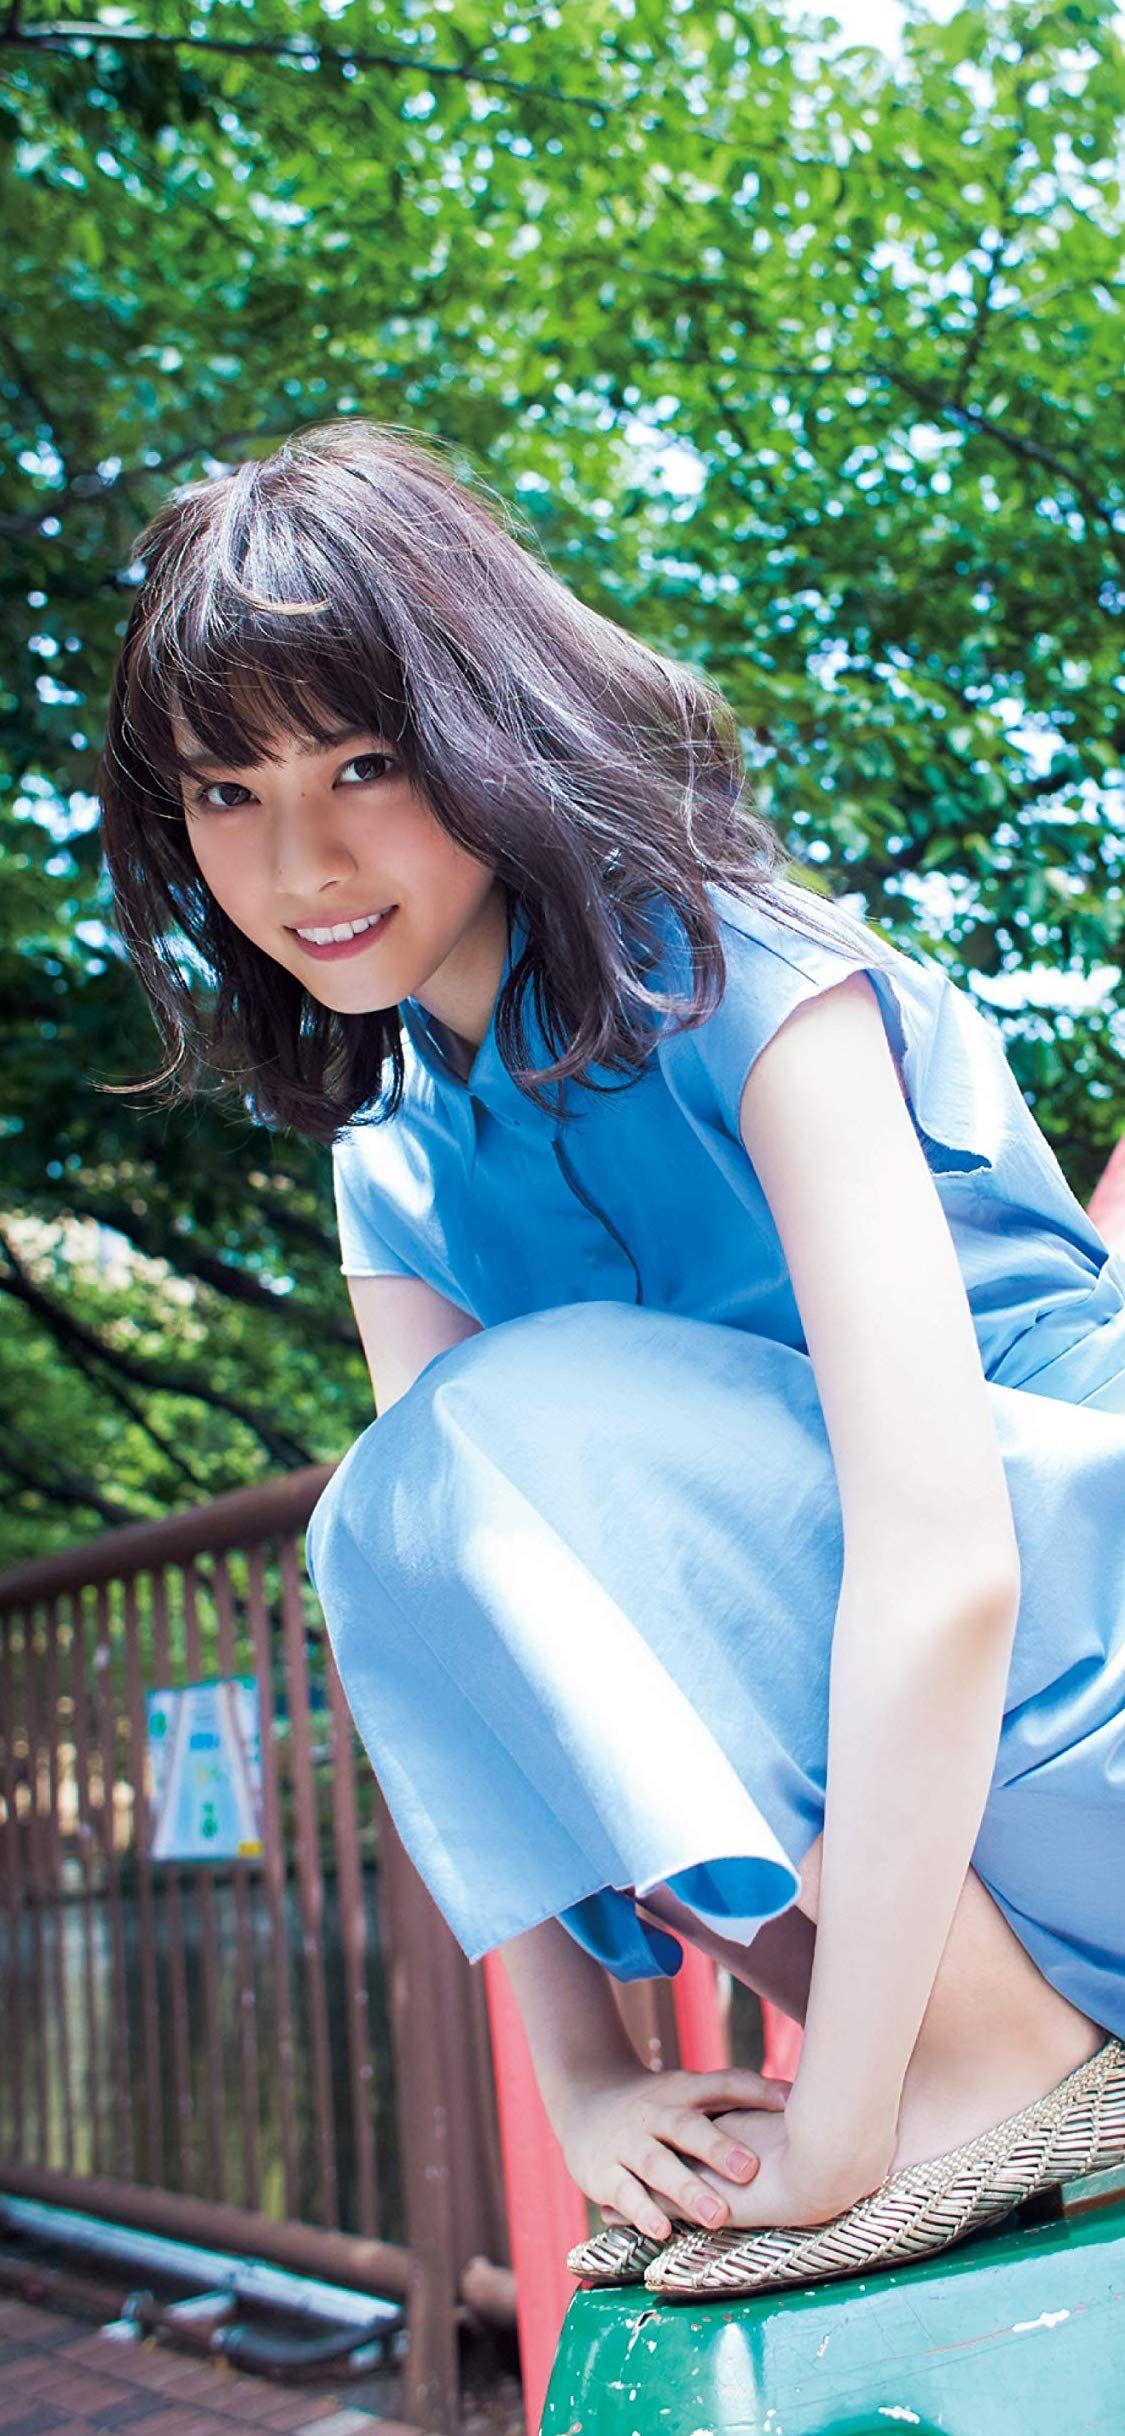 乃木坂46 西野七瀬 Iphone X 壁紙 1125x2436 画像 アジアの女性